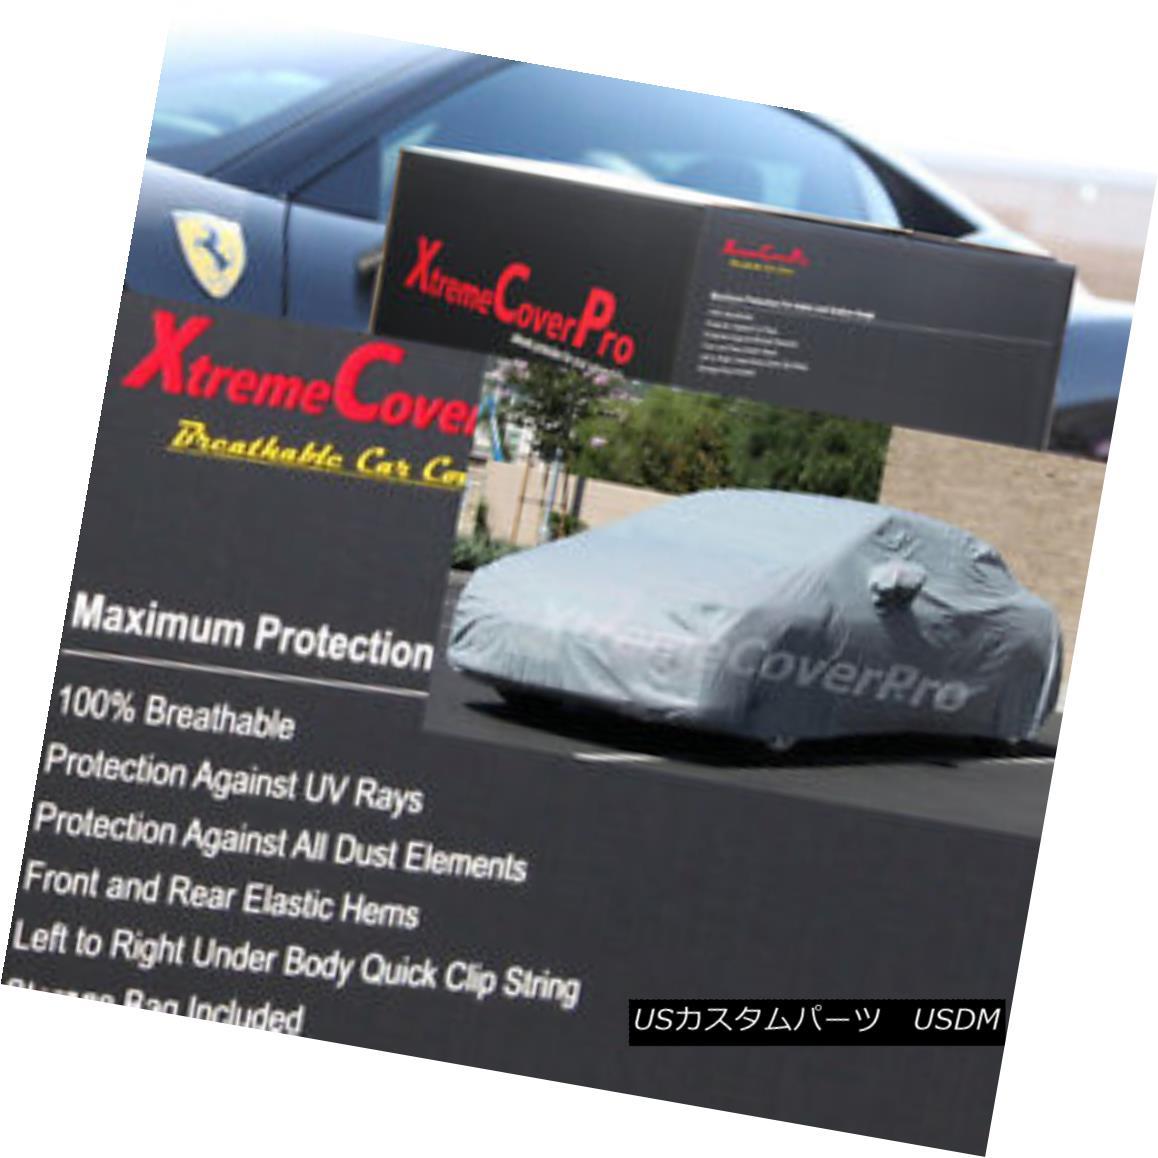 カーカバー 1993 1994 1995 Lincoln Mark VIII Breathable Car Cover w/MirrorPocket 1993 1994 1995リンカーンマークVIII通気性車カバー付き/ MirrorPocket